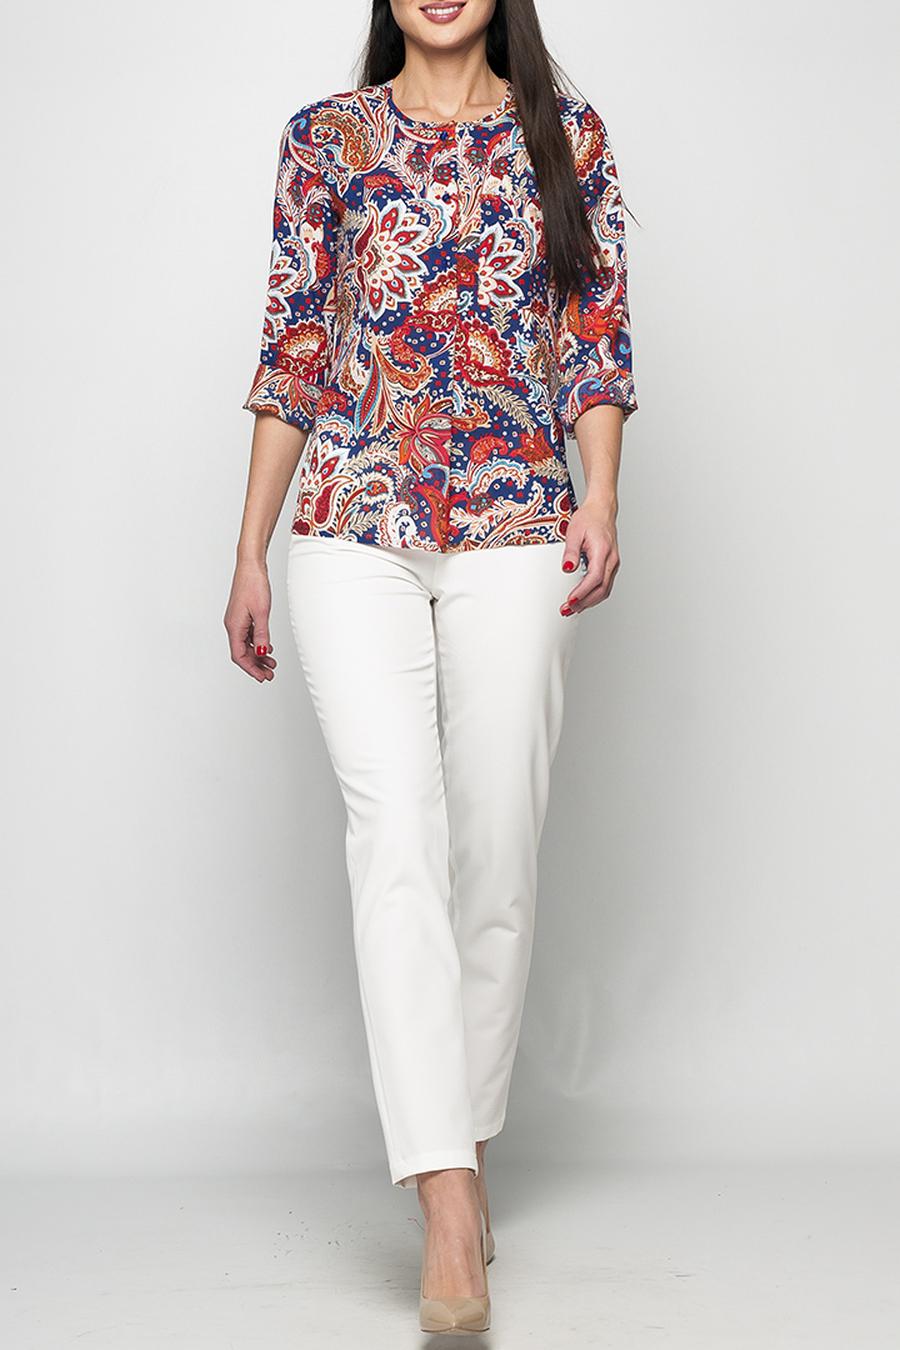 РубашкаБлузки<br>Женская рубашка из шифона прямого силуэта с ярким принтом. На груди расположен накладной карман, длинные рукава дополнены манжетами с пуговицами. Низ рубашки ассиметричен - спинка удлиненная. Блуза хорошо комбинируется с джинсами и различными моделями брюк, а яркий принт сделает Ваш образ более эффектным и запоминающимся. Принт купонный, расположение рисунка может меняться.   Параметры изделия:  44 размер: обхват груди 92 см, длина по спинке - 66 см, длина рукава - 59 см;  52 размер: обхват груди 108 см, длина по спинке - 69 см, длина рукава - 61 см.  В изделии использованы цвета: синий, красный и др.  Рост девушки-фотомодели 175 см.<br><br>Горловина: С- горловина<br>Застежка: С пуговицами<br>По материалу: Тканевые<br>По образу: Город<br>По рисунку: С принтом,Цветные,Этнические<br>По сезону: Весна,Зима,Лето,Осень,Всесезон<br>По силуэту: Полуприталенные<br>По стилю: Повседневный стиль<br>Рукав: Длинный рукав<br>Размер : 54,56<br>Материал: Блузочная ткань<br>Количество в наличии: 2